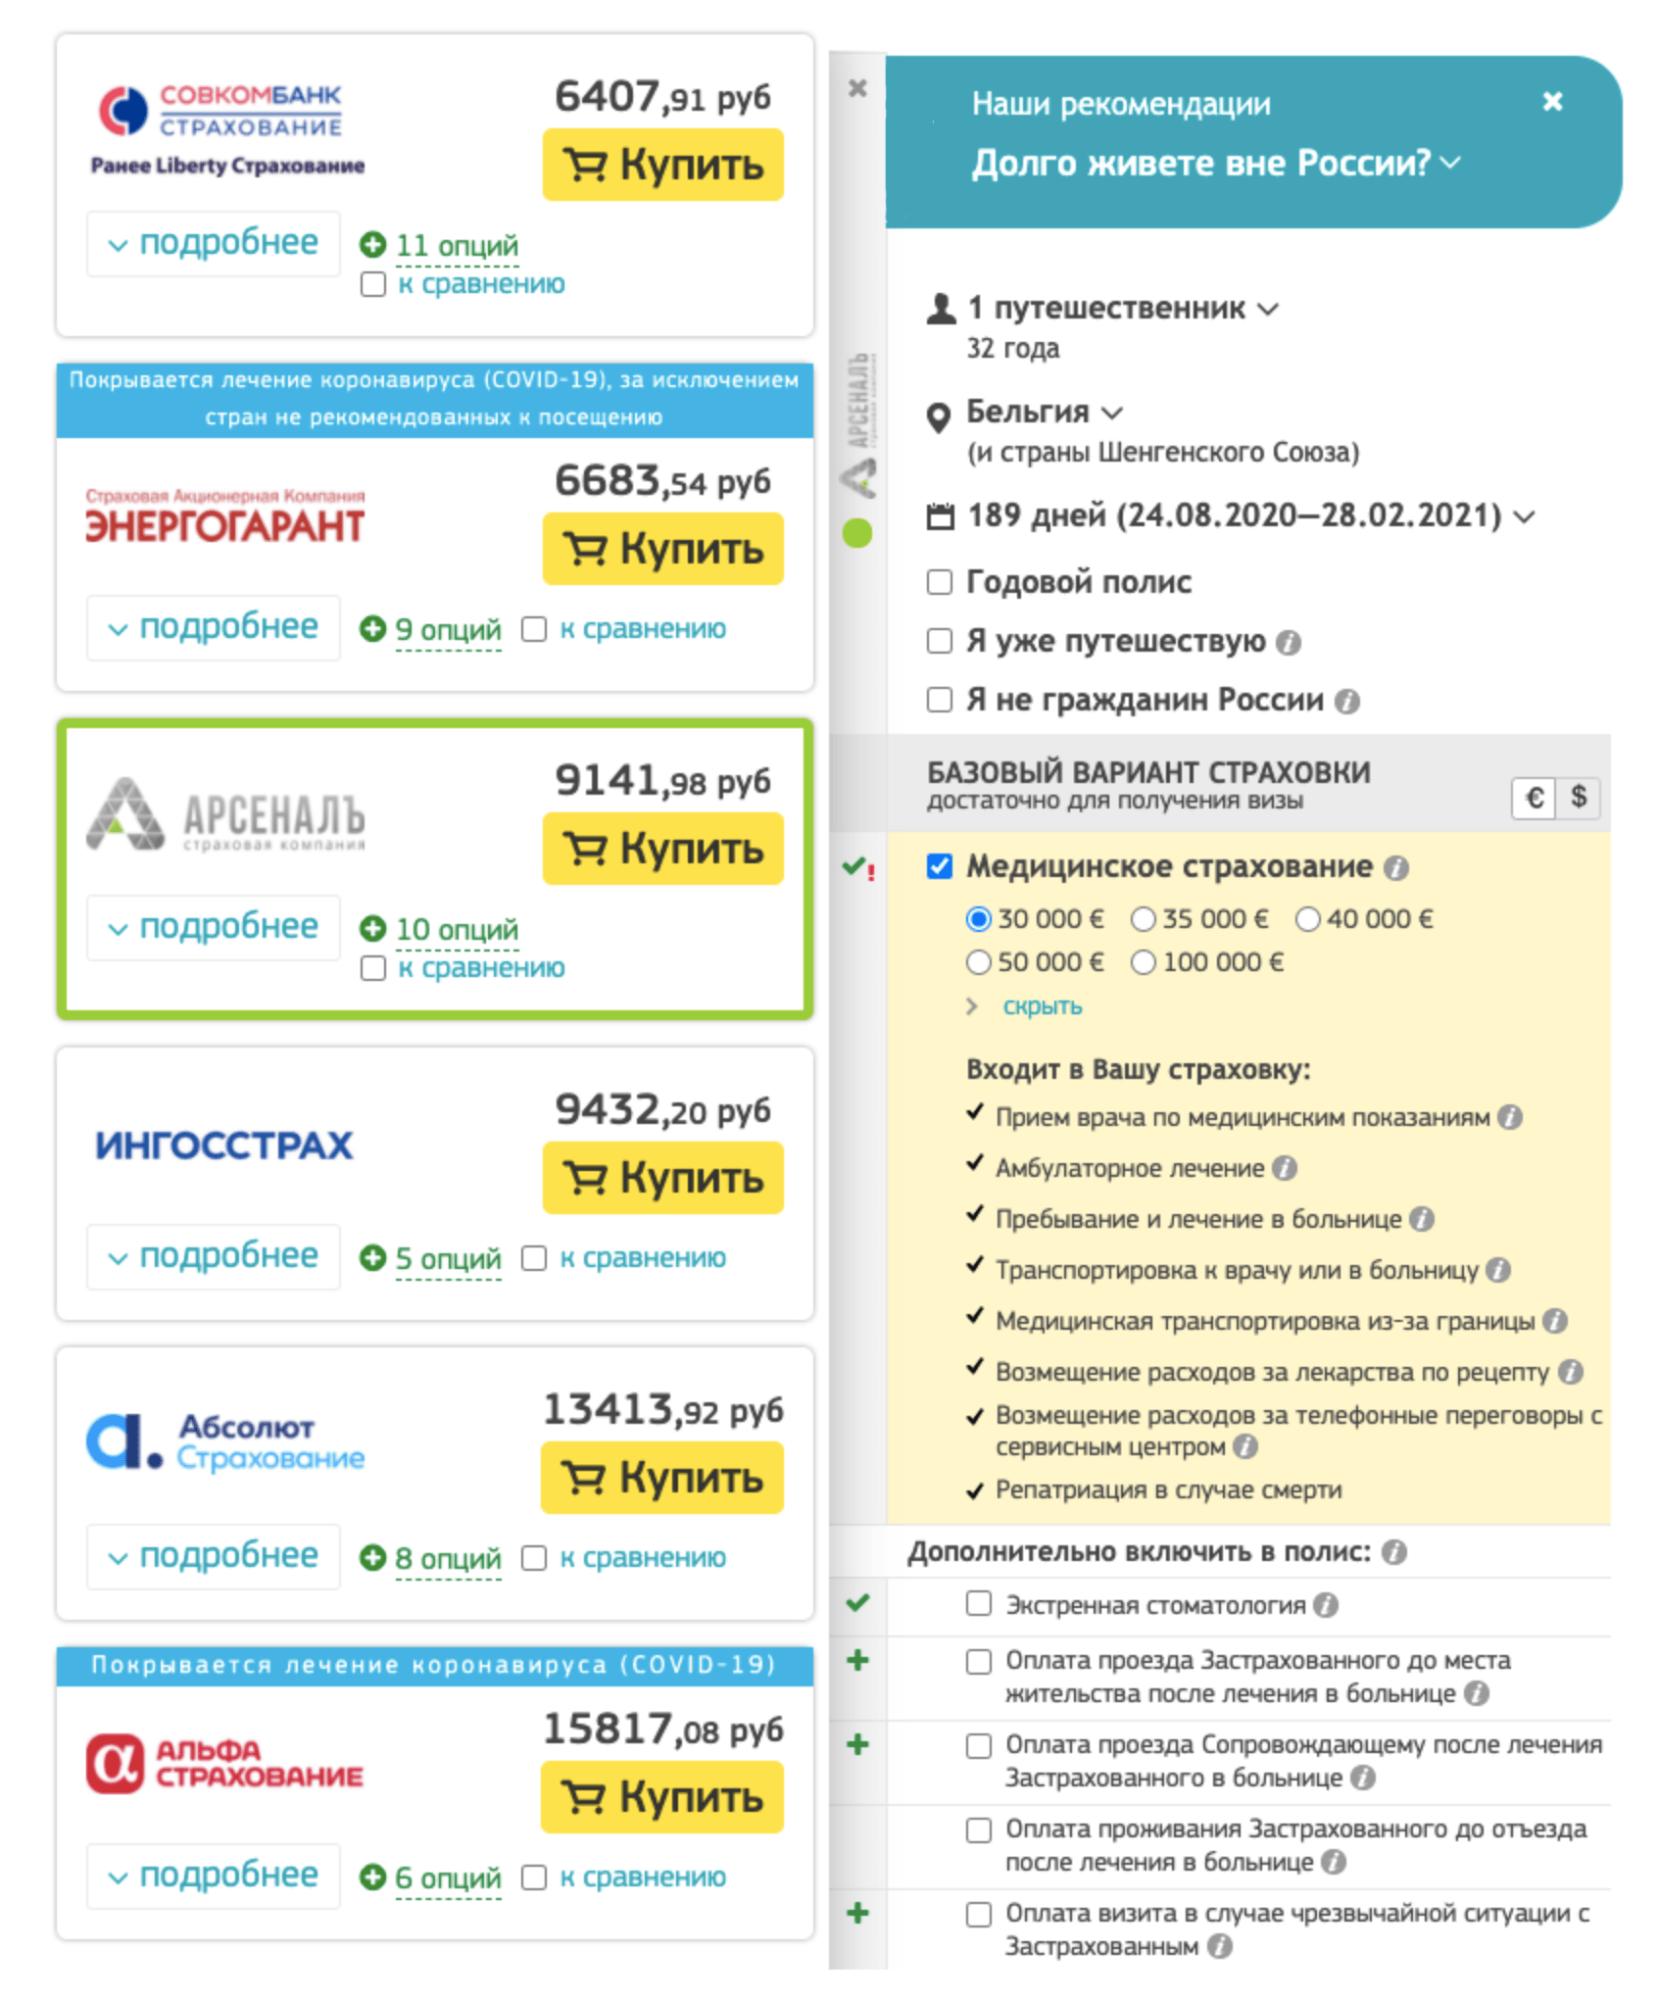 Студентам из России надо делать туристическую страховку на все время пребывания. Она стоит от 6 до 15 тысяч рублей за полгода